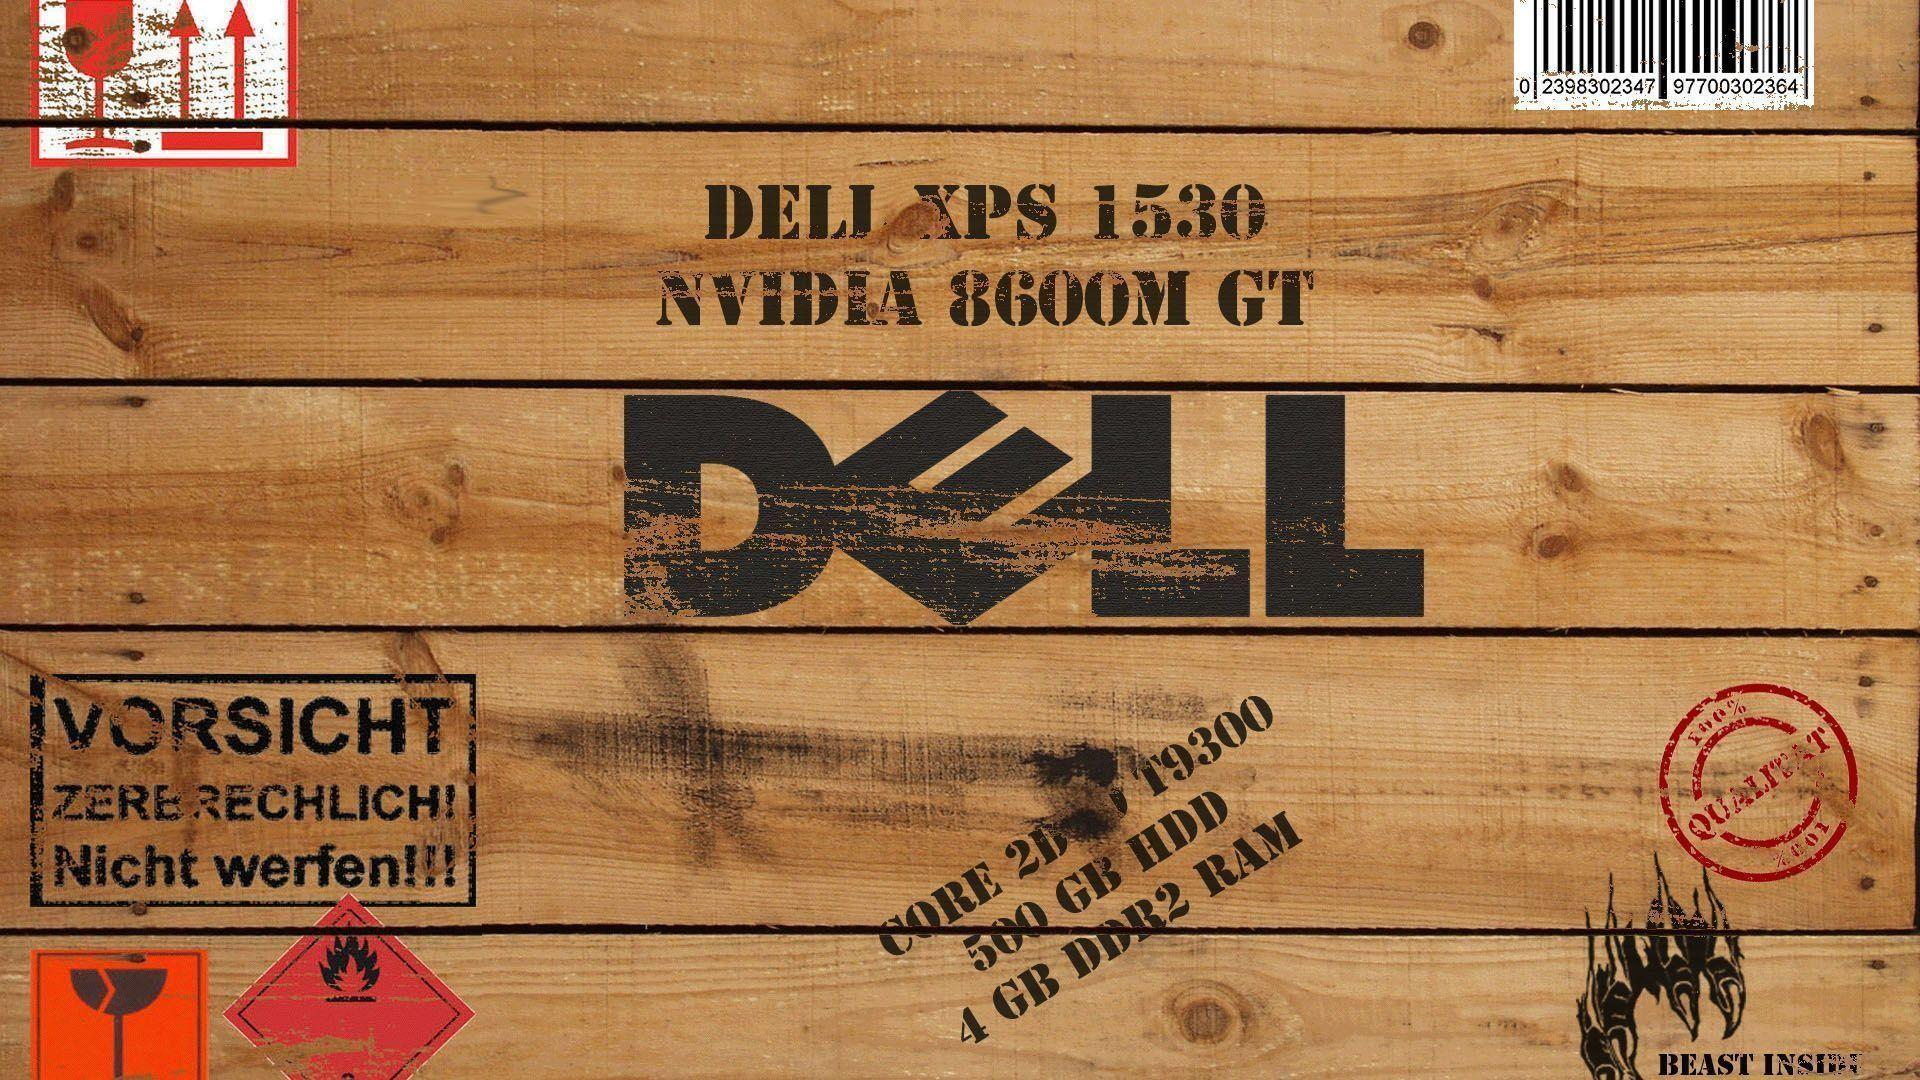 Dell Hd Wallpaper 1920x1080 71 Images